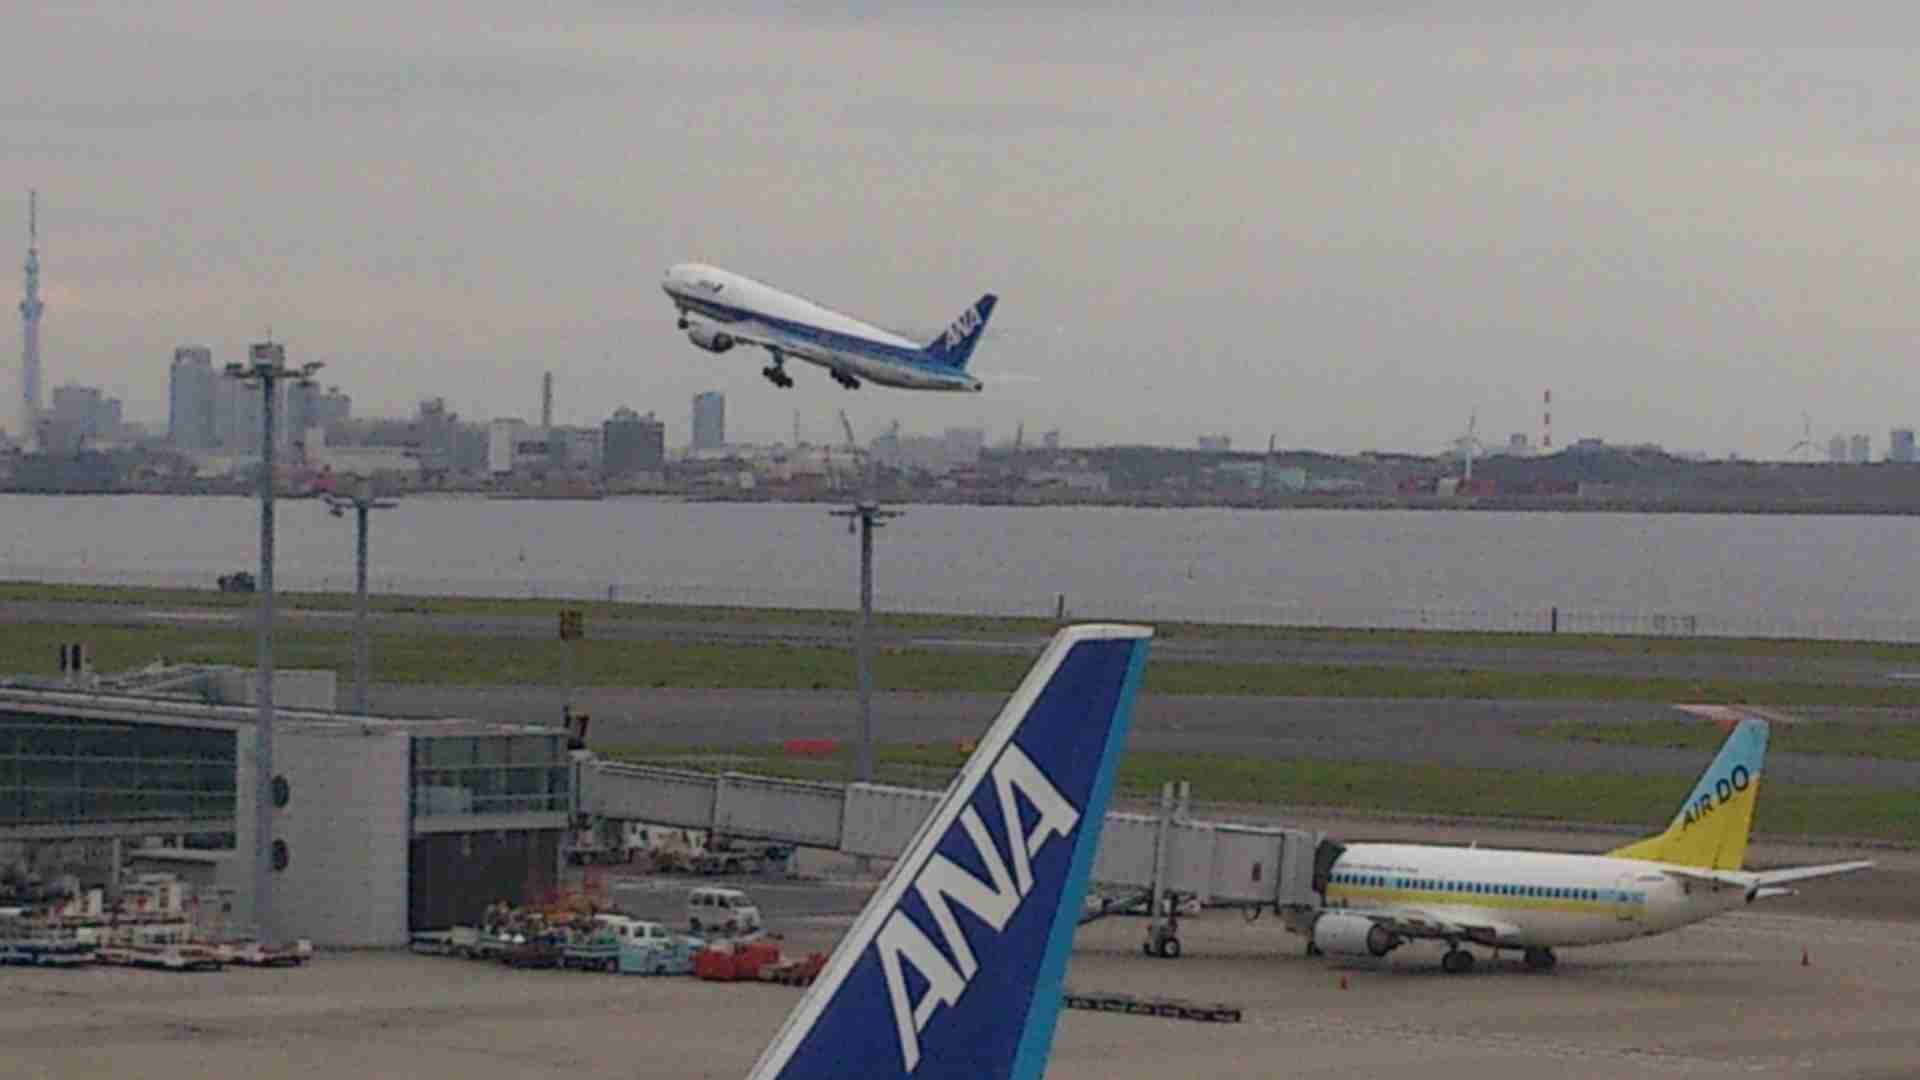 いろんな飛行機が飛んでいる画像が見たいです!